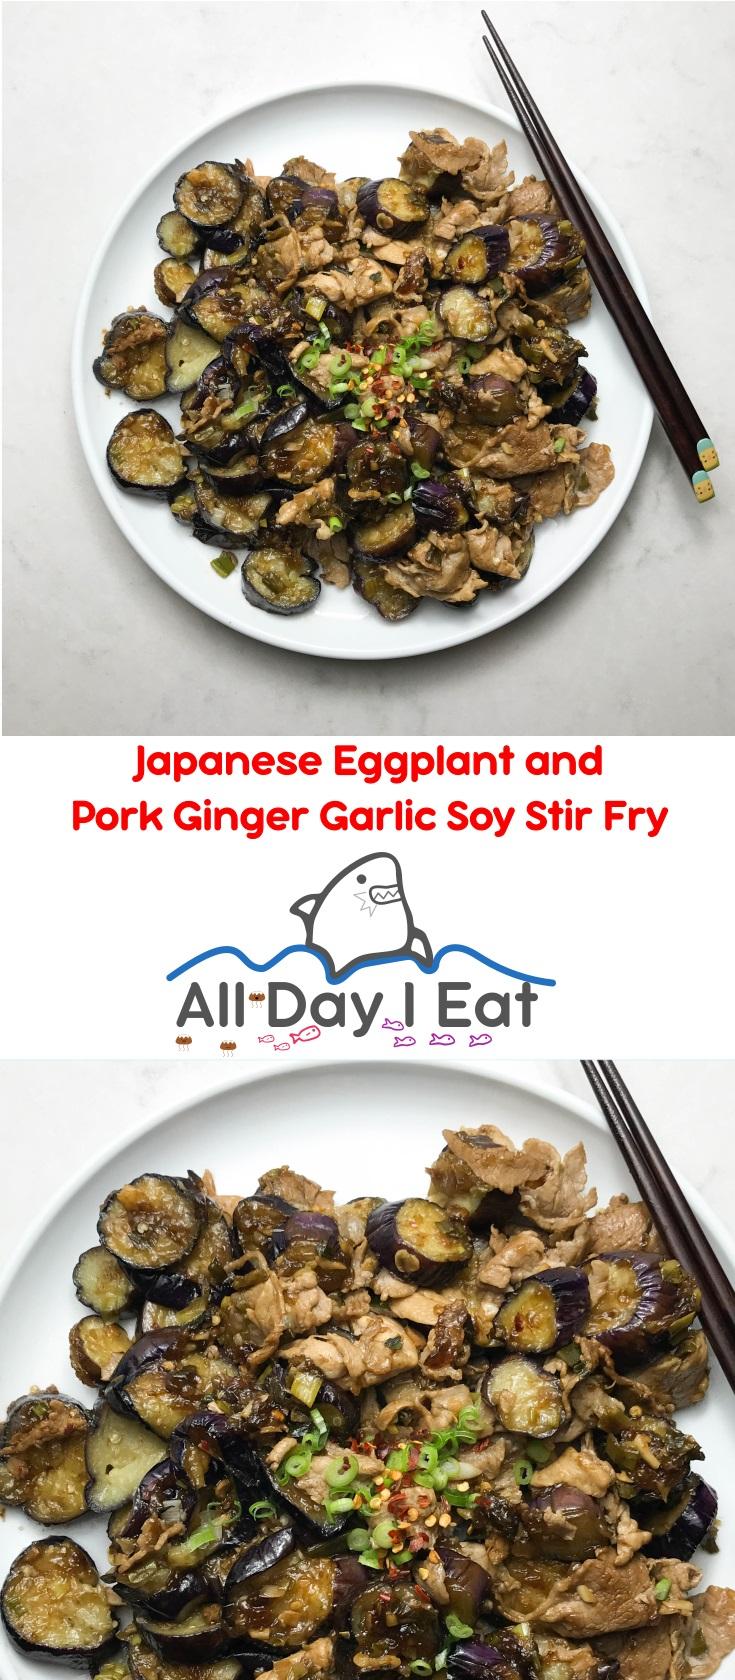 Japanese Eggplant and Pork Ginger Garlic Soy Stir Fry | www.alldayieat.com